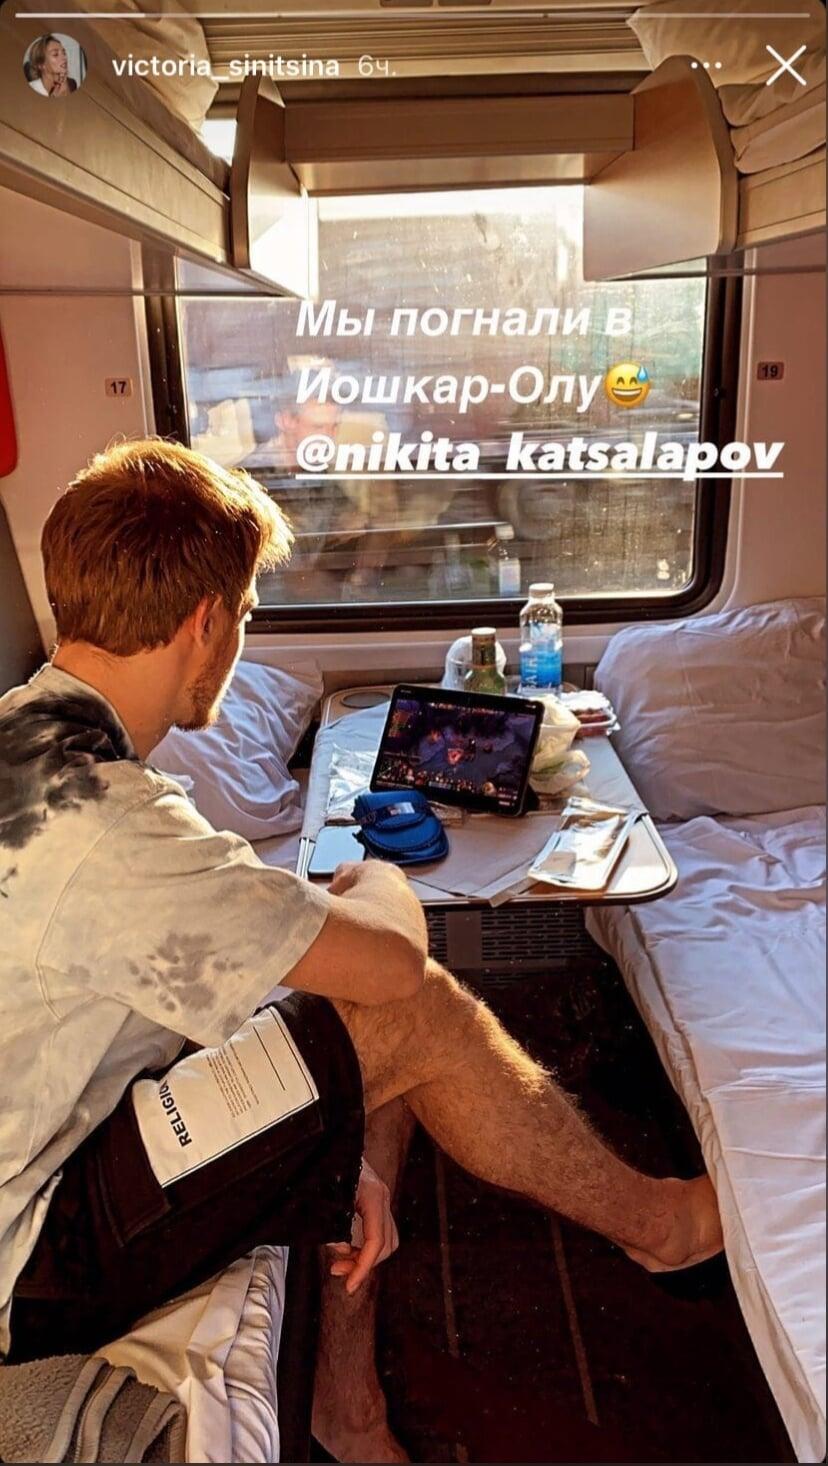 Мы погнали в Йошкар-Олу. Синицина и Кацалапов на поезде отправились на второй этап Кубка России